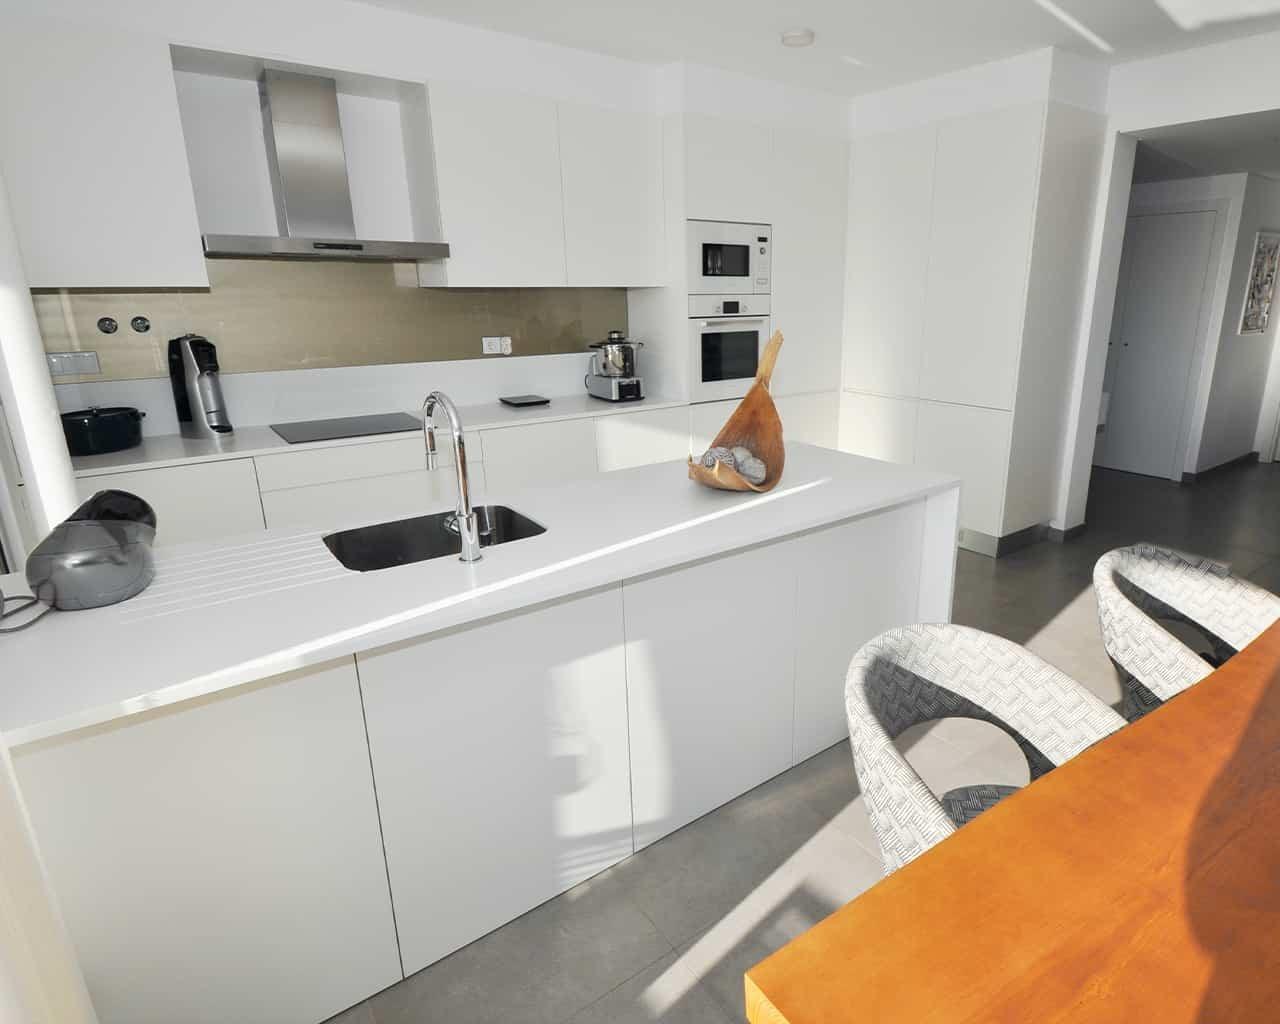 apartement-albufeira-kitchen